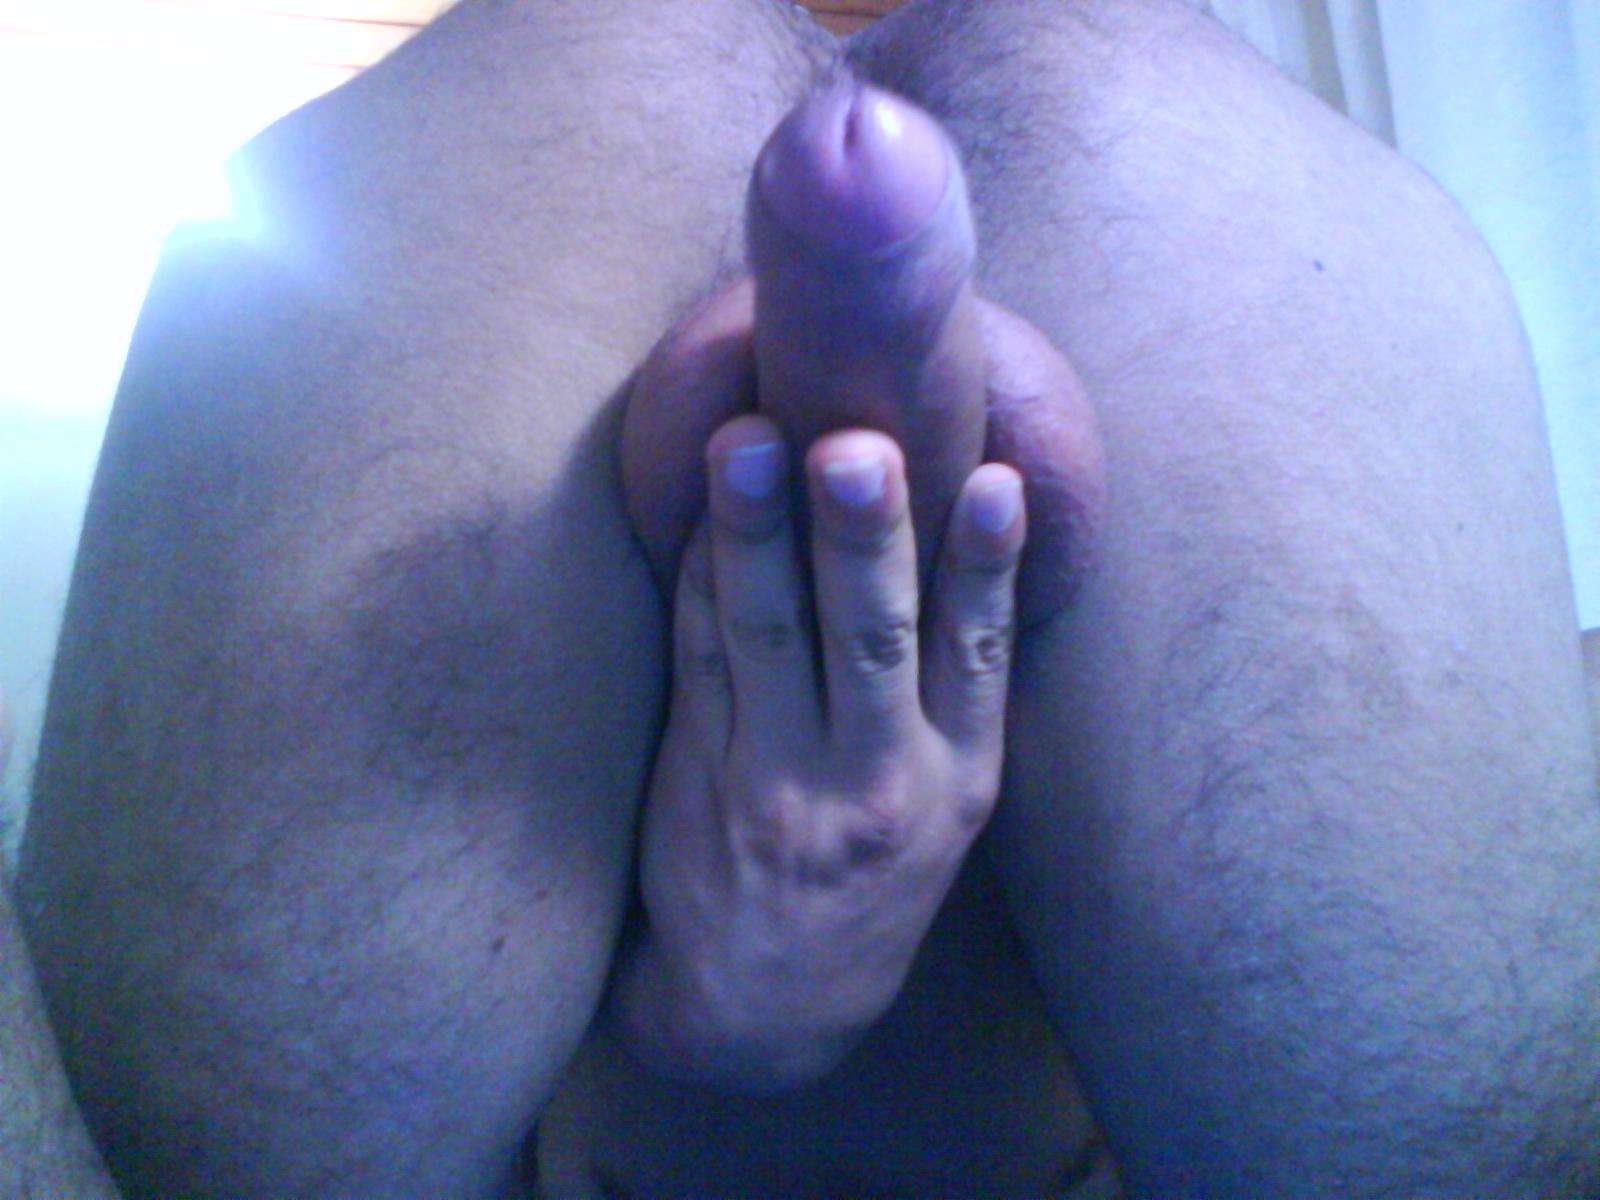 fley69